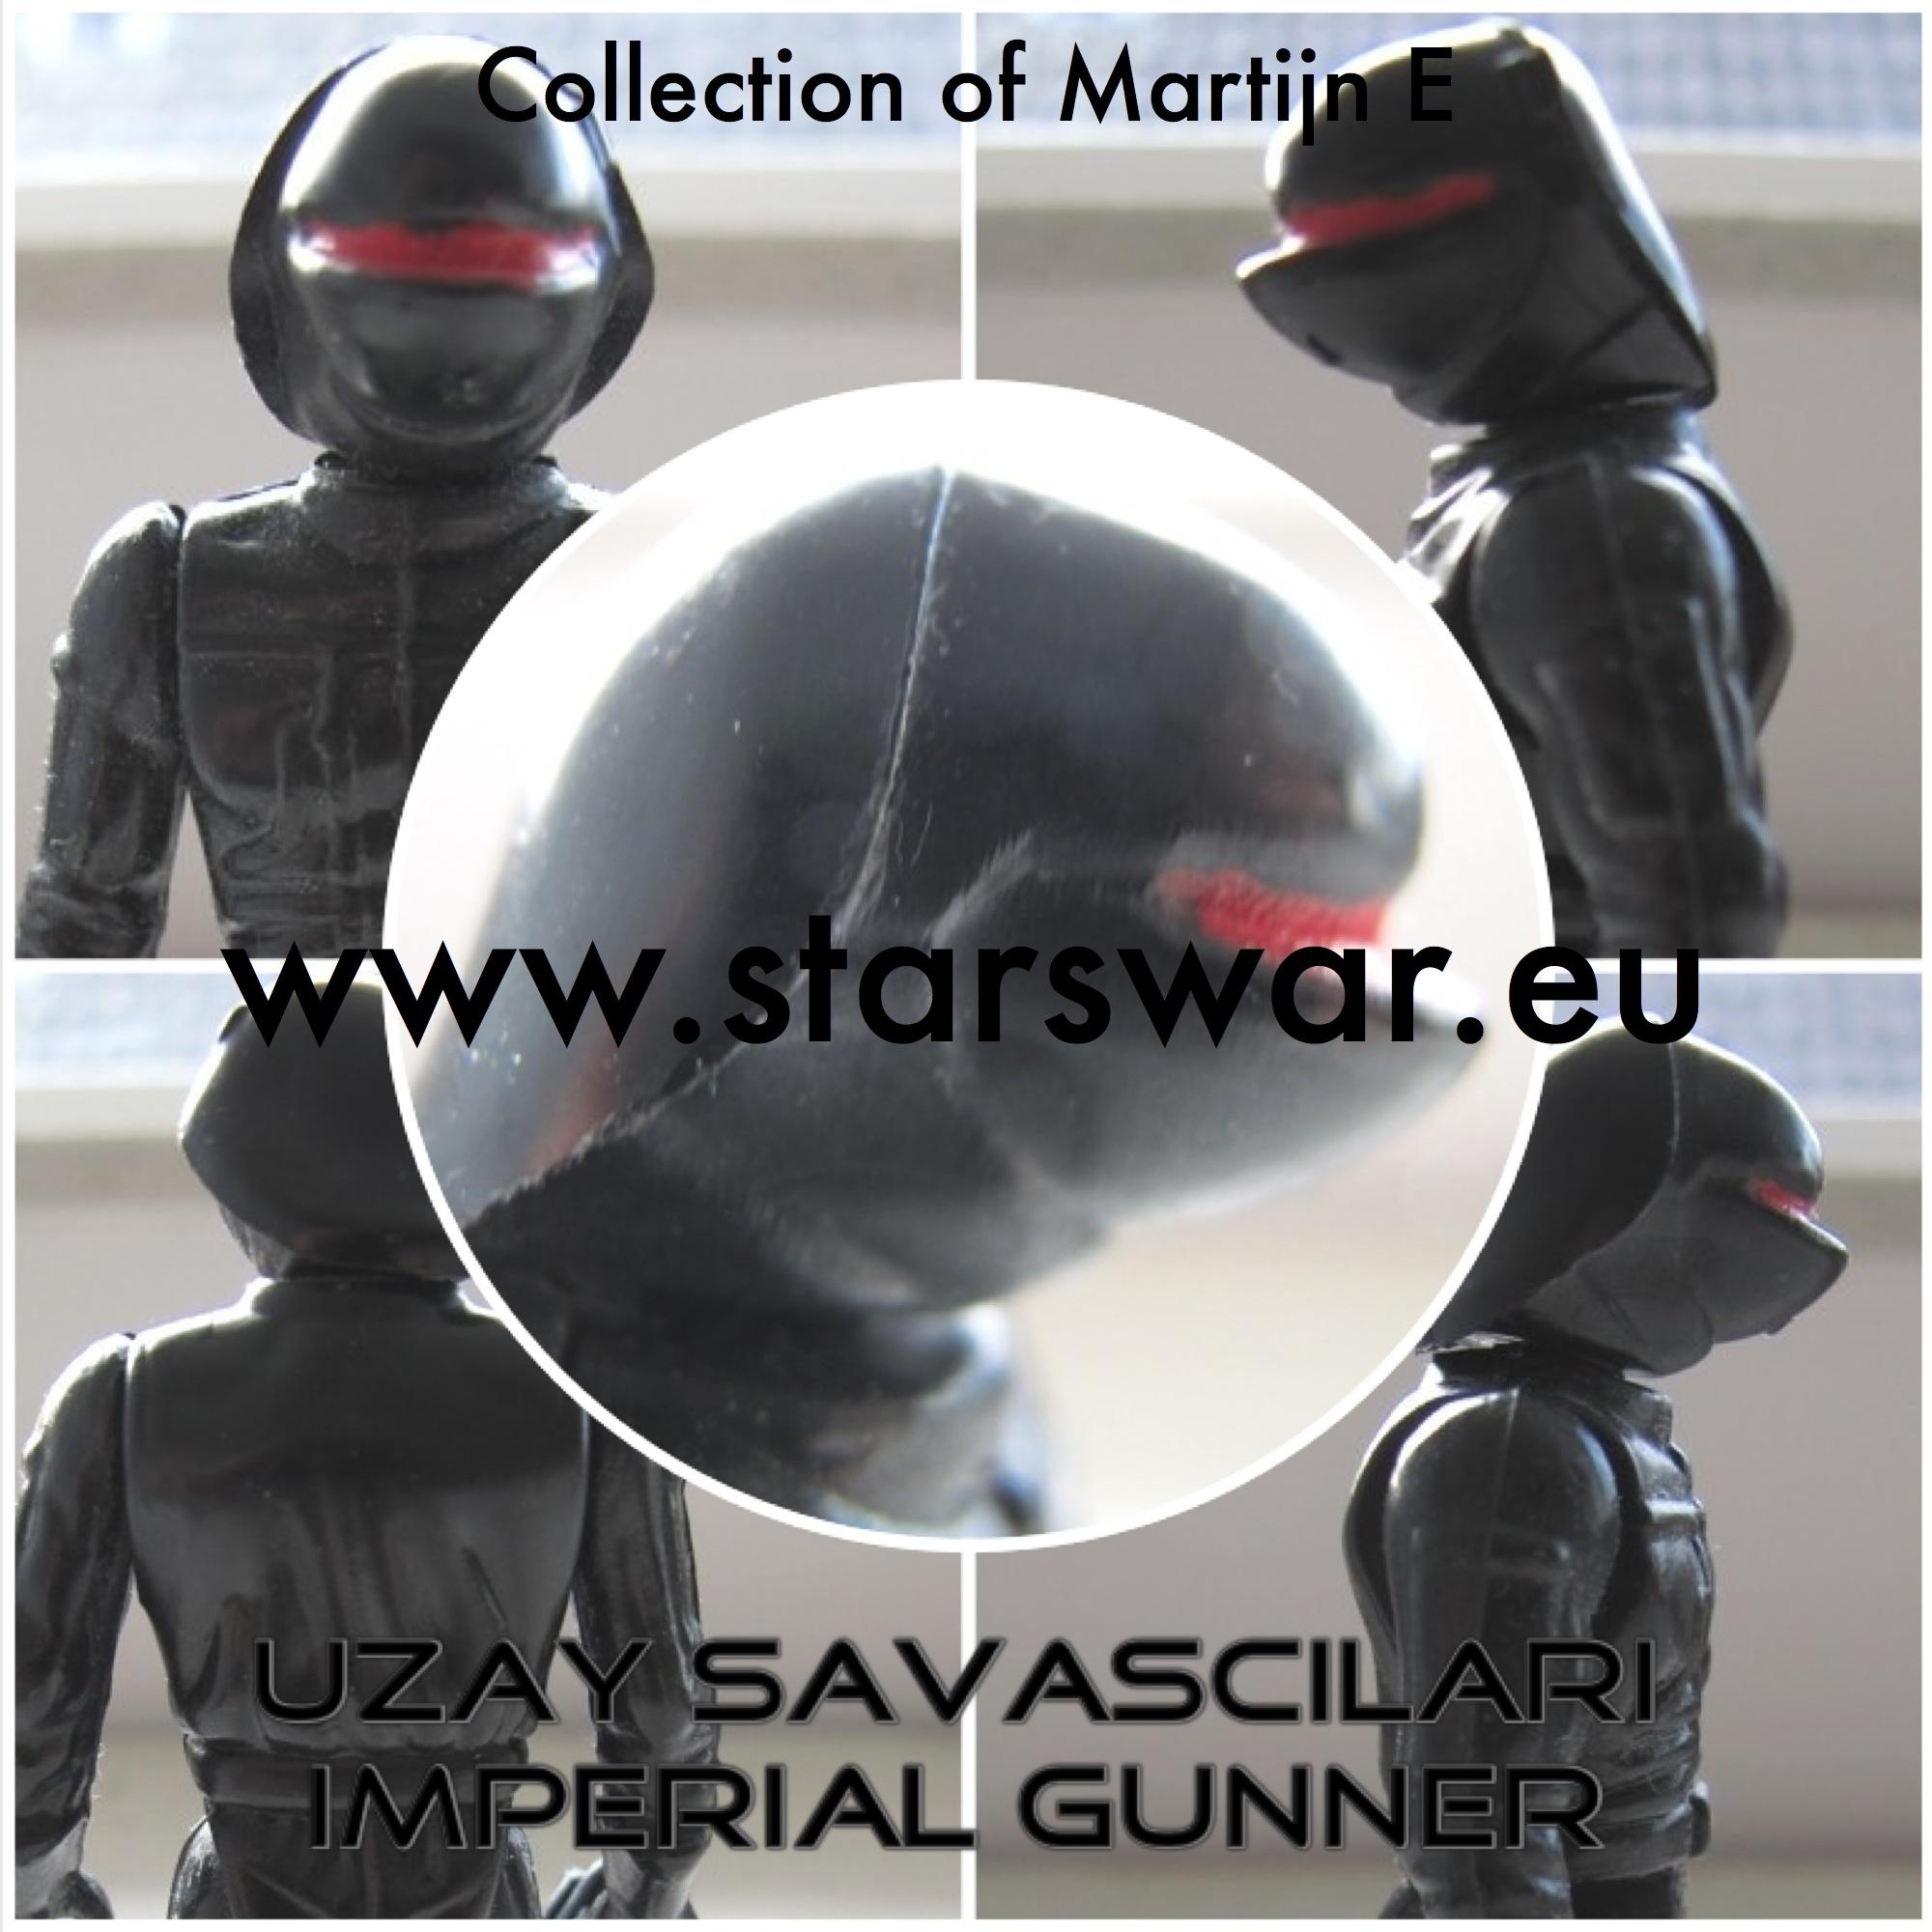 Uzay Imperial Gunner